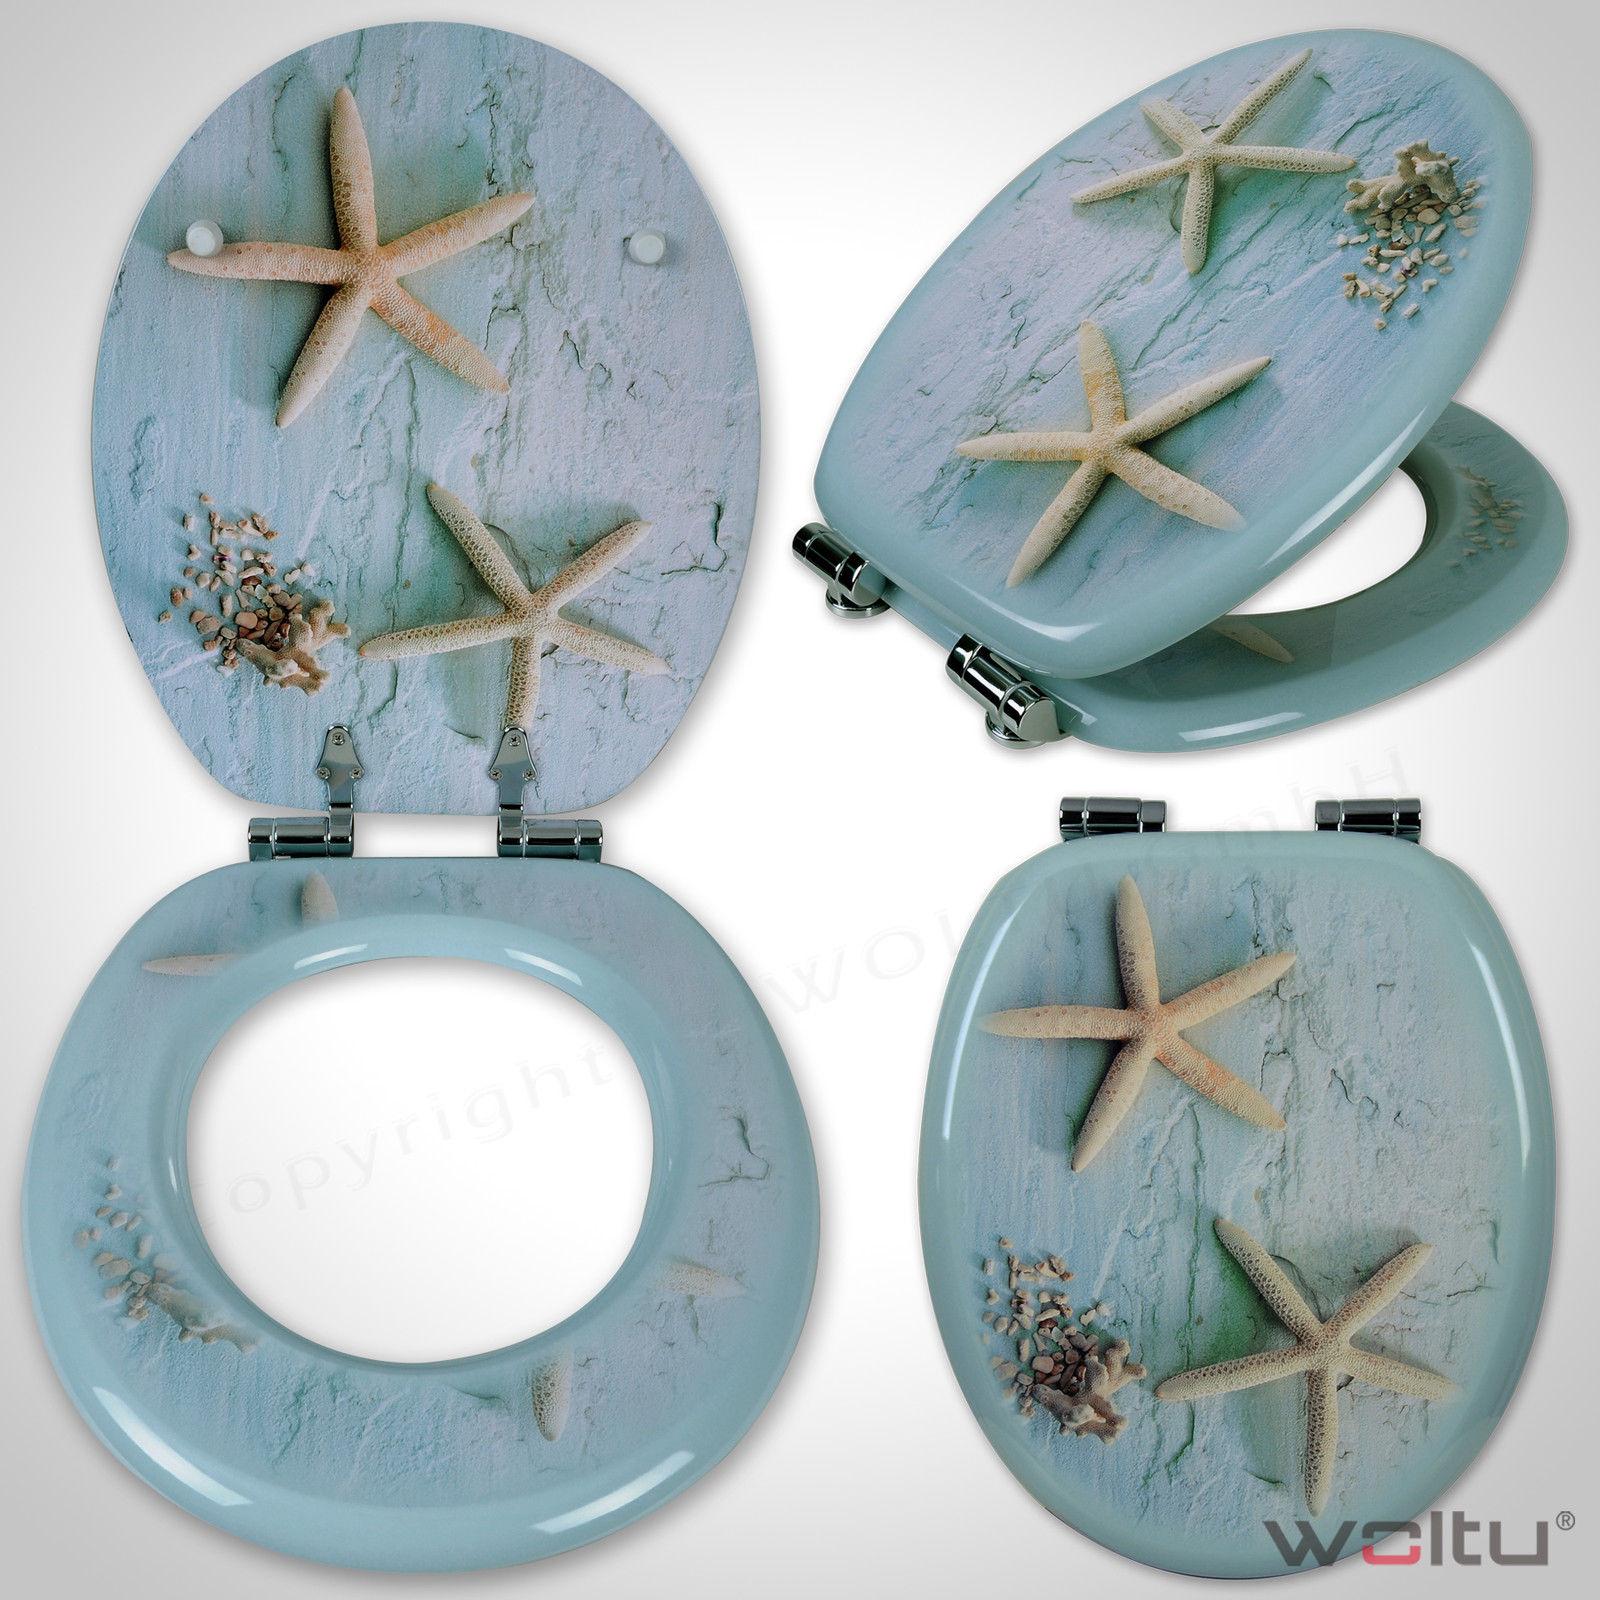 wc sitz toilettendeckel toilettensitz klodeckel klobrille deckel brille 319 ebay. Black Bedroom Furniture Sets. Home Design Ideas